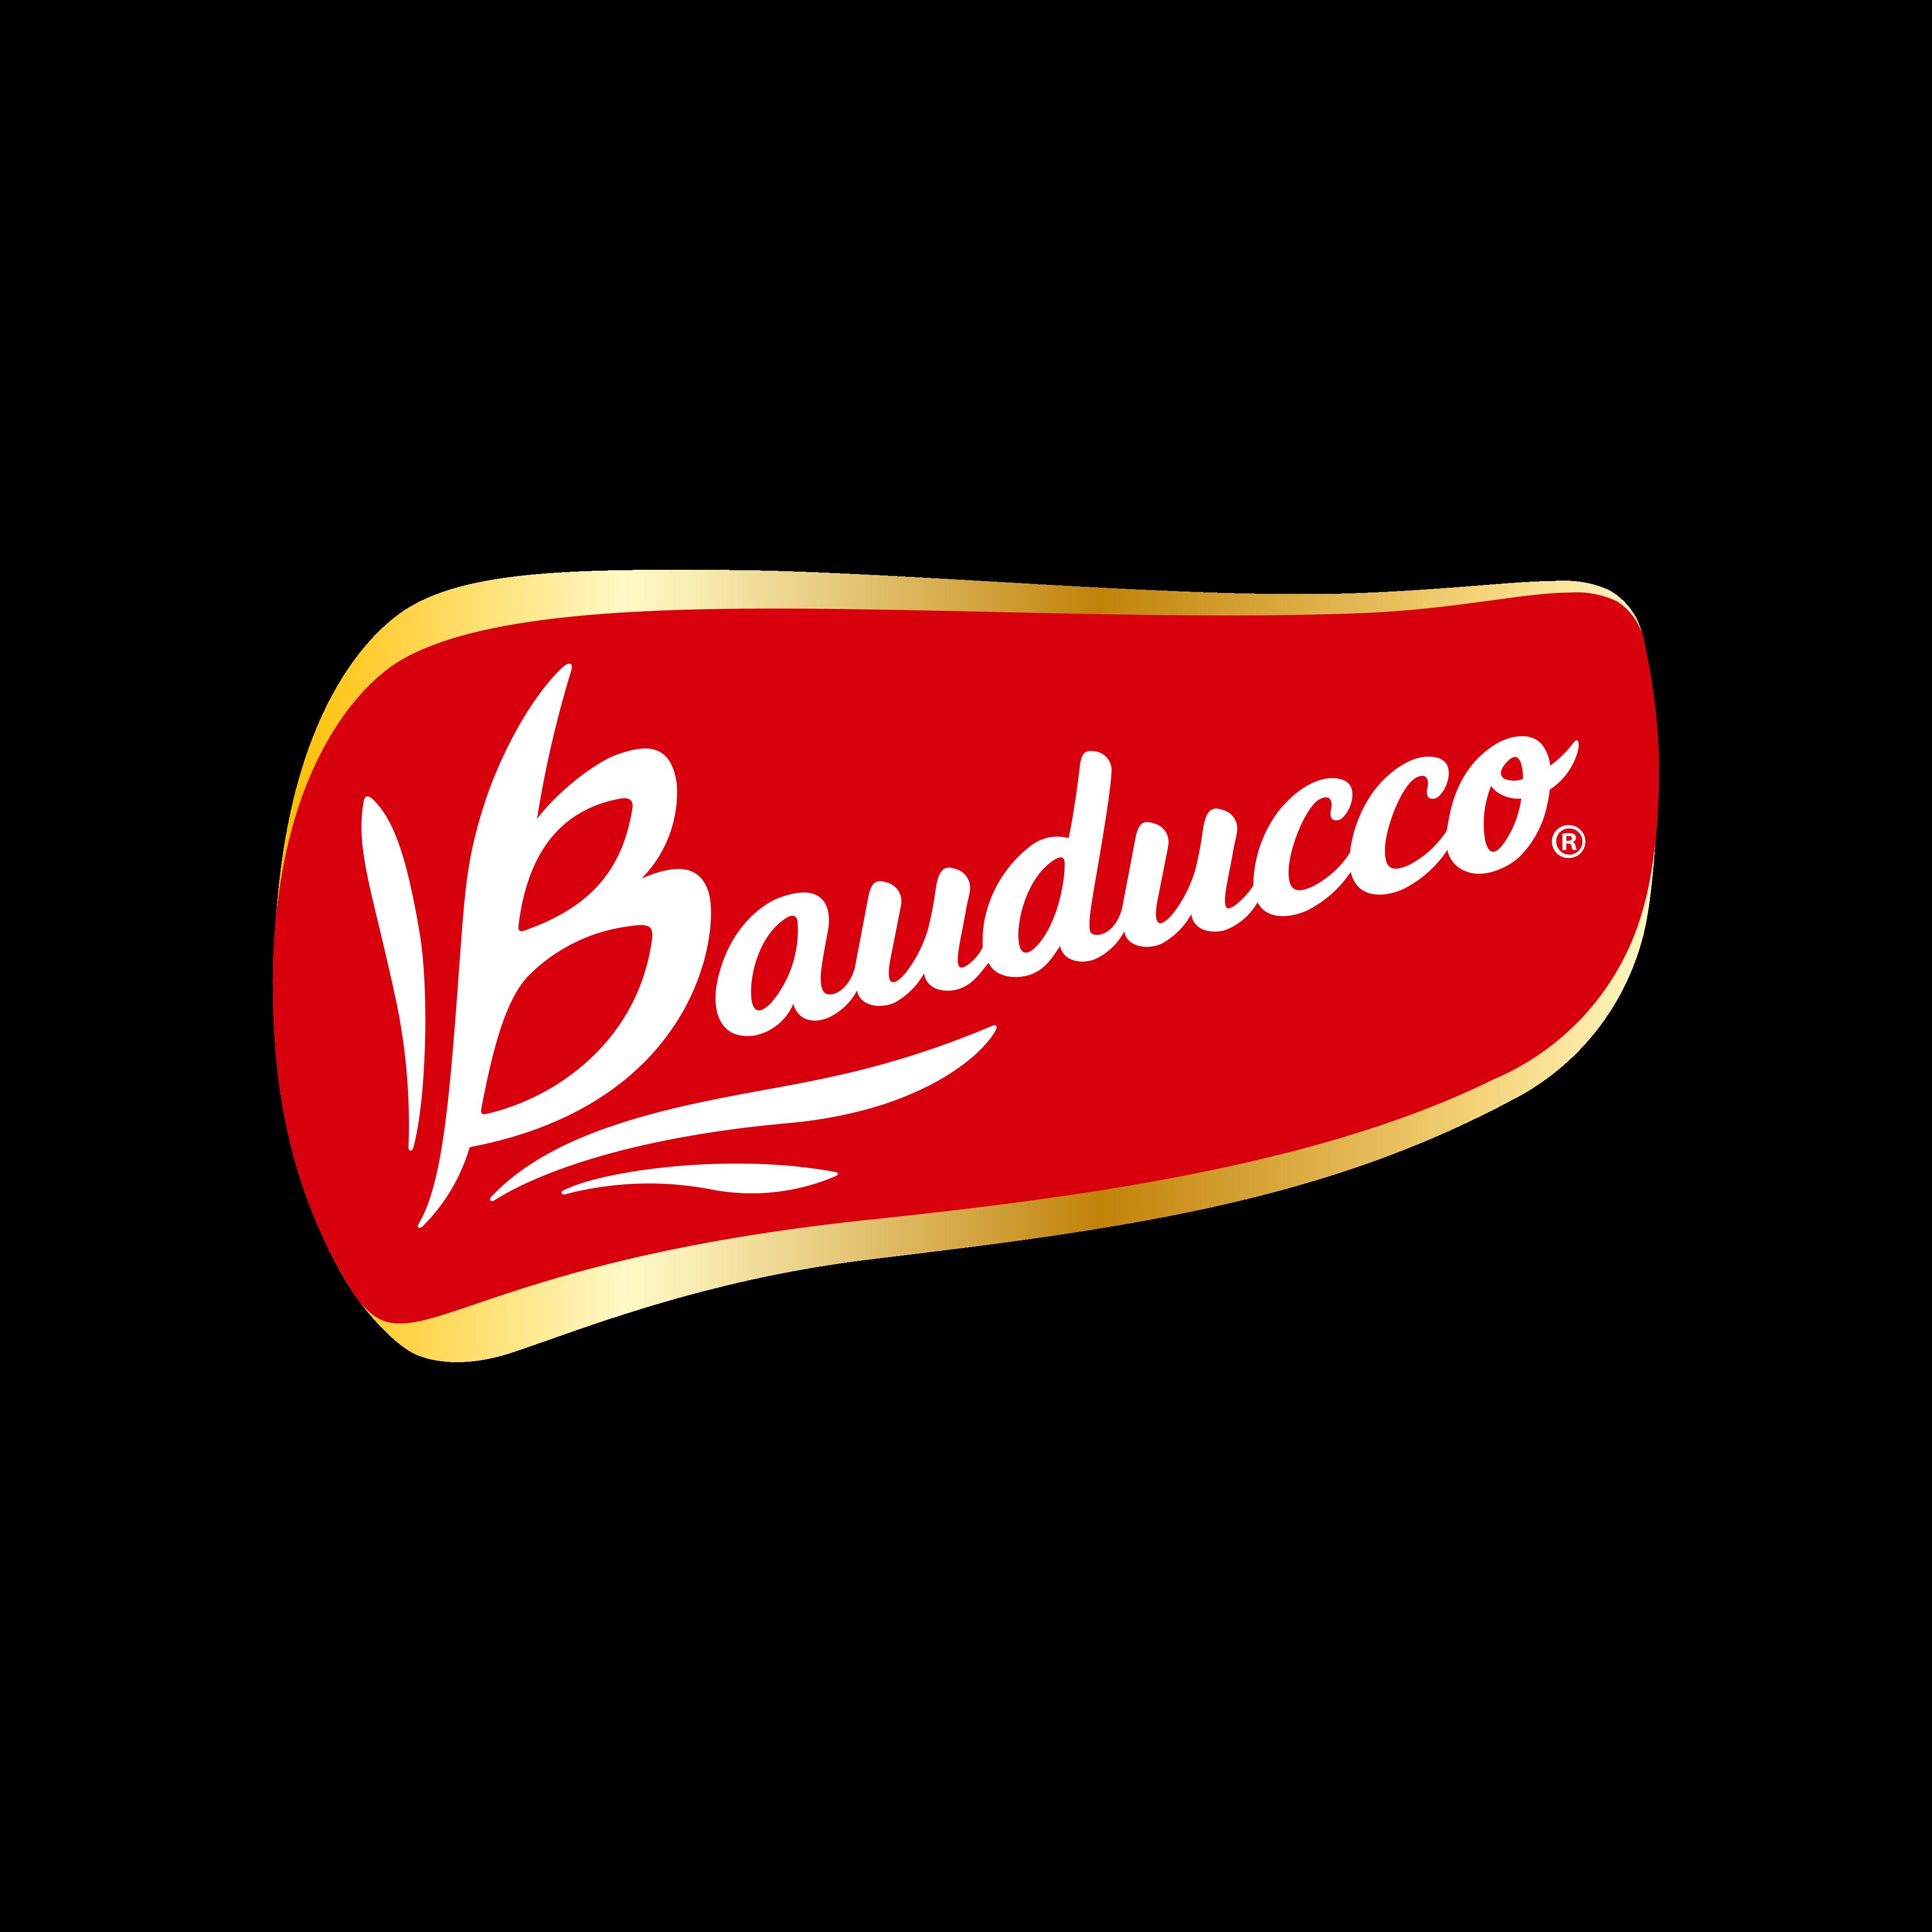 bauducco logo 0 - Bauducco Logo